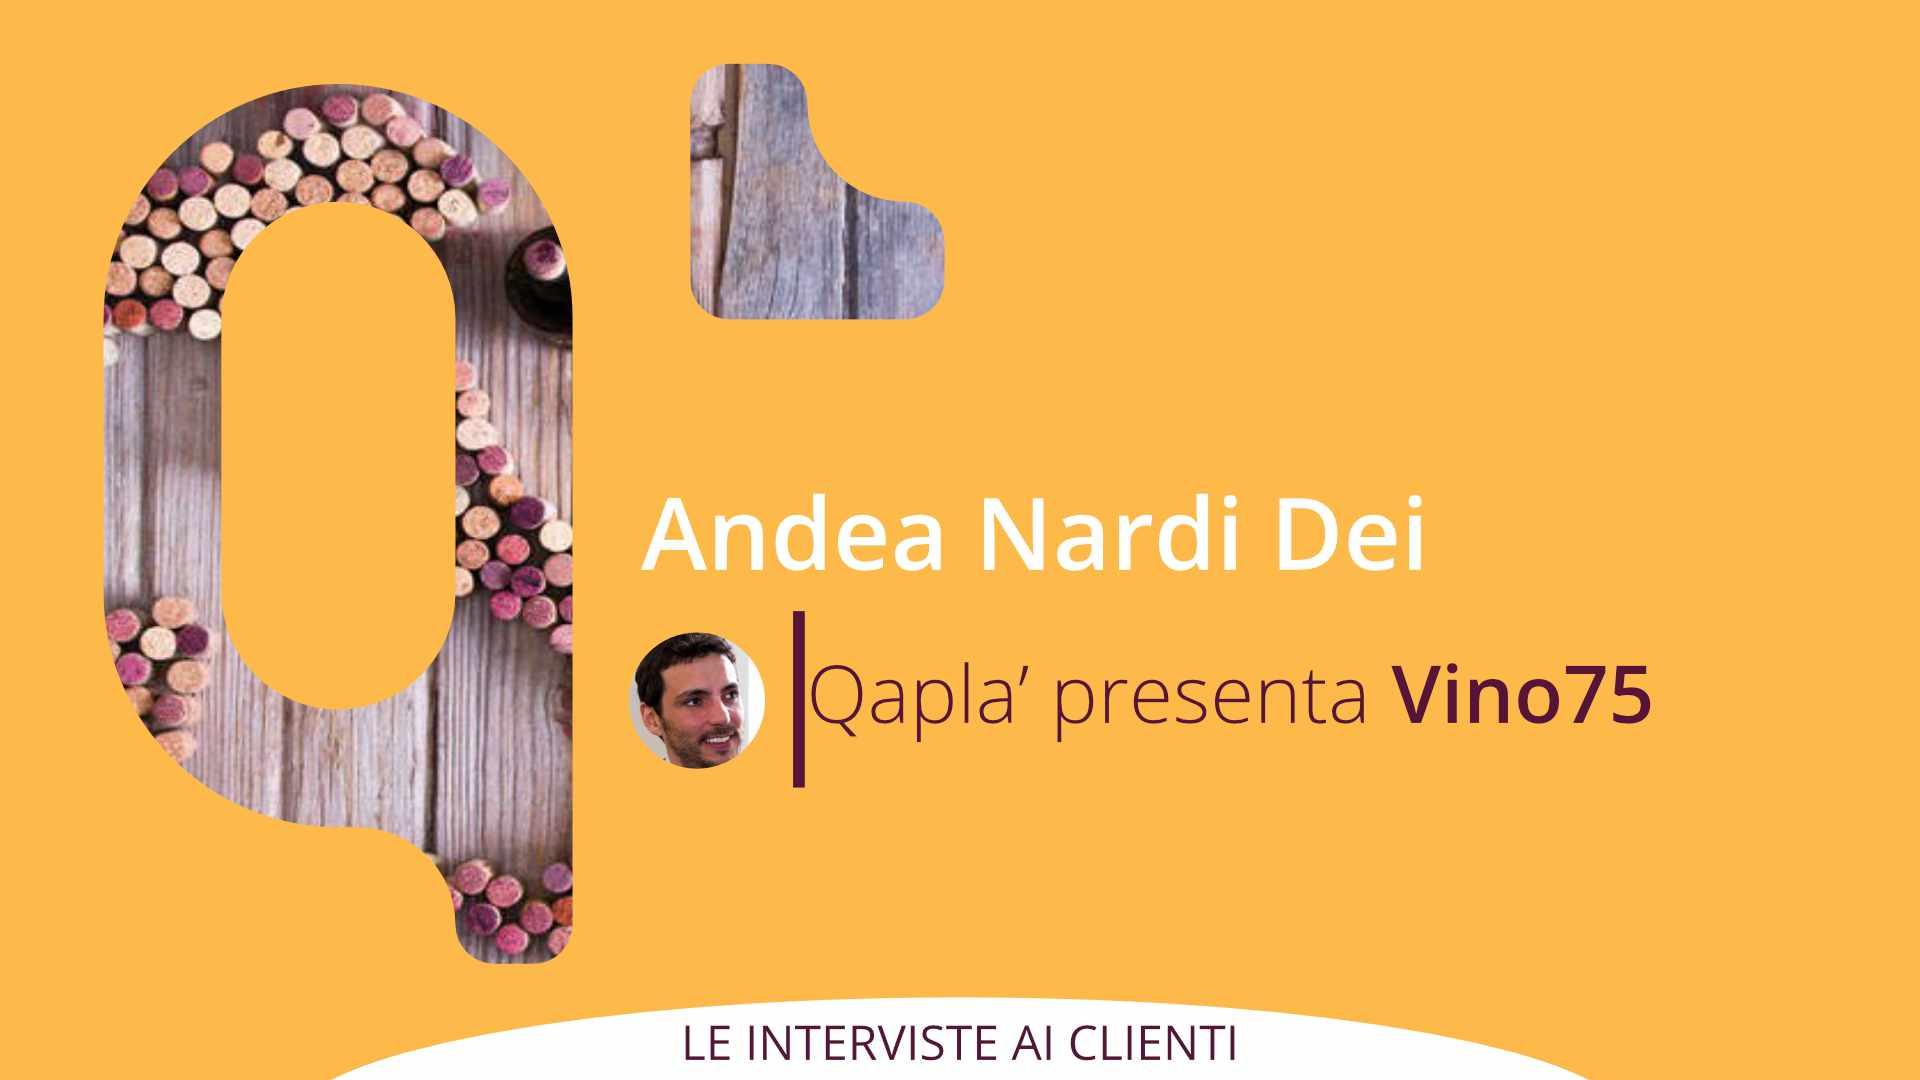 Qapla' presenta VINO 75: Intervista a Andrea Nardi Dei